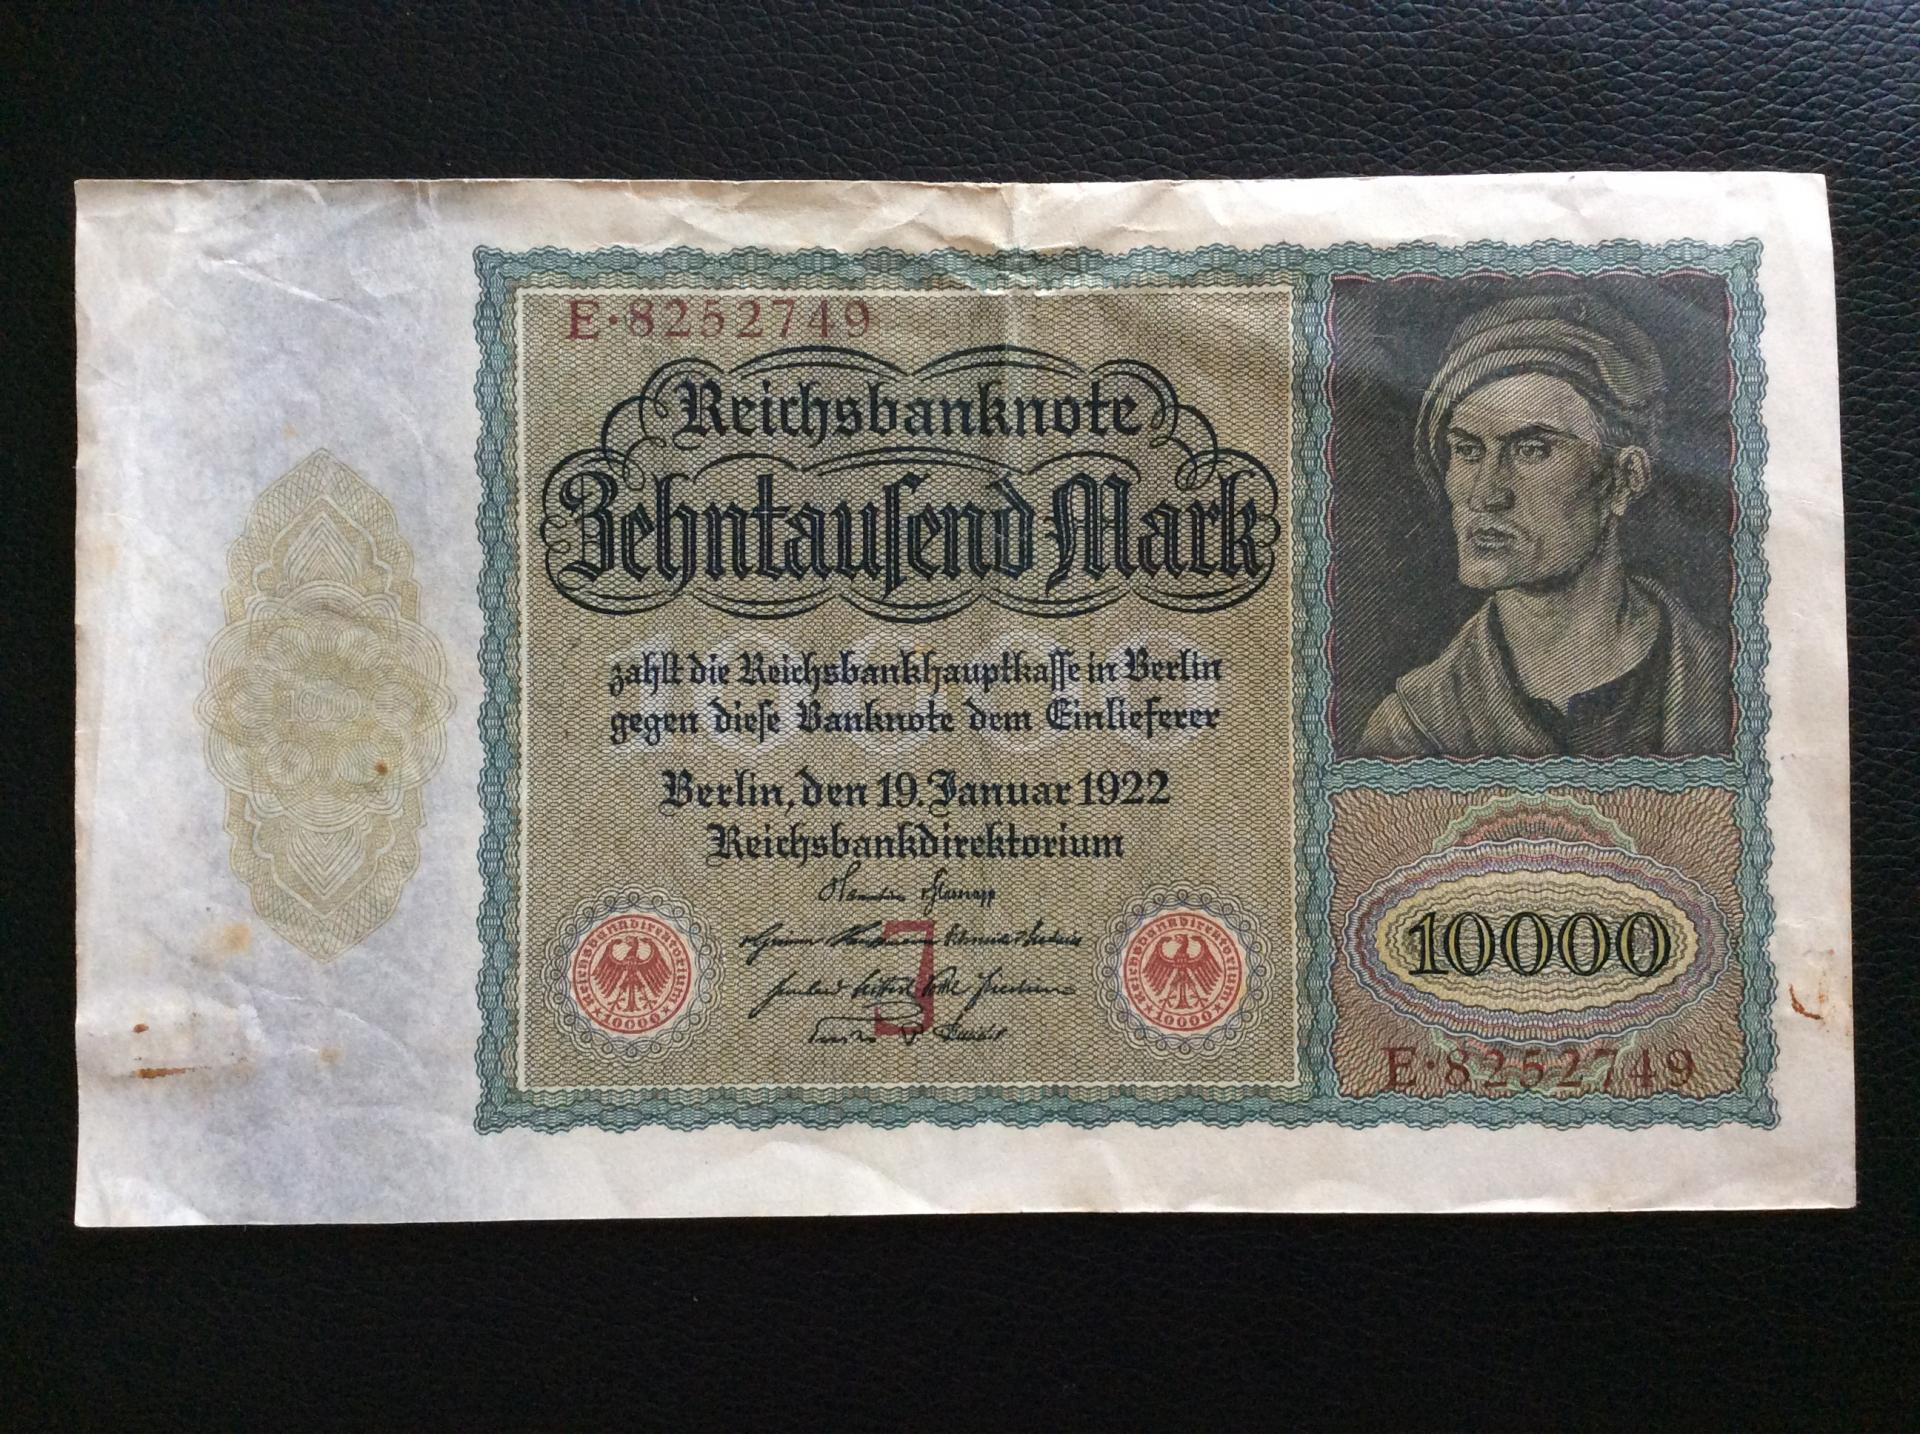 10.000 MARK 1922 - BERLÍN ALEMANIA - REICHSBANKNOTE